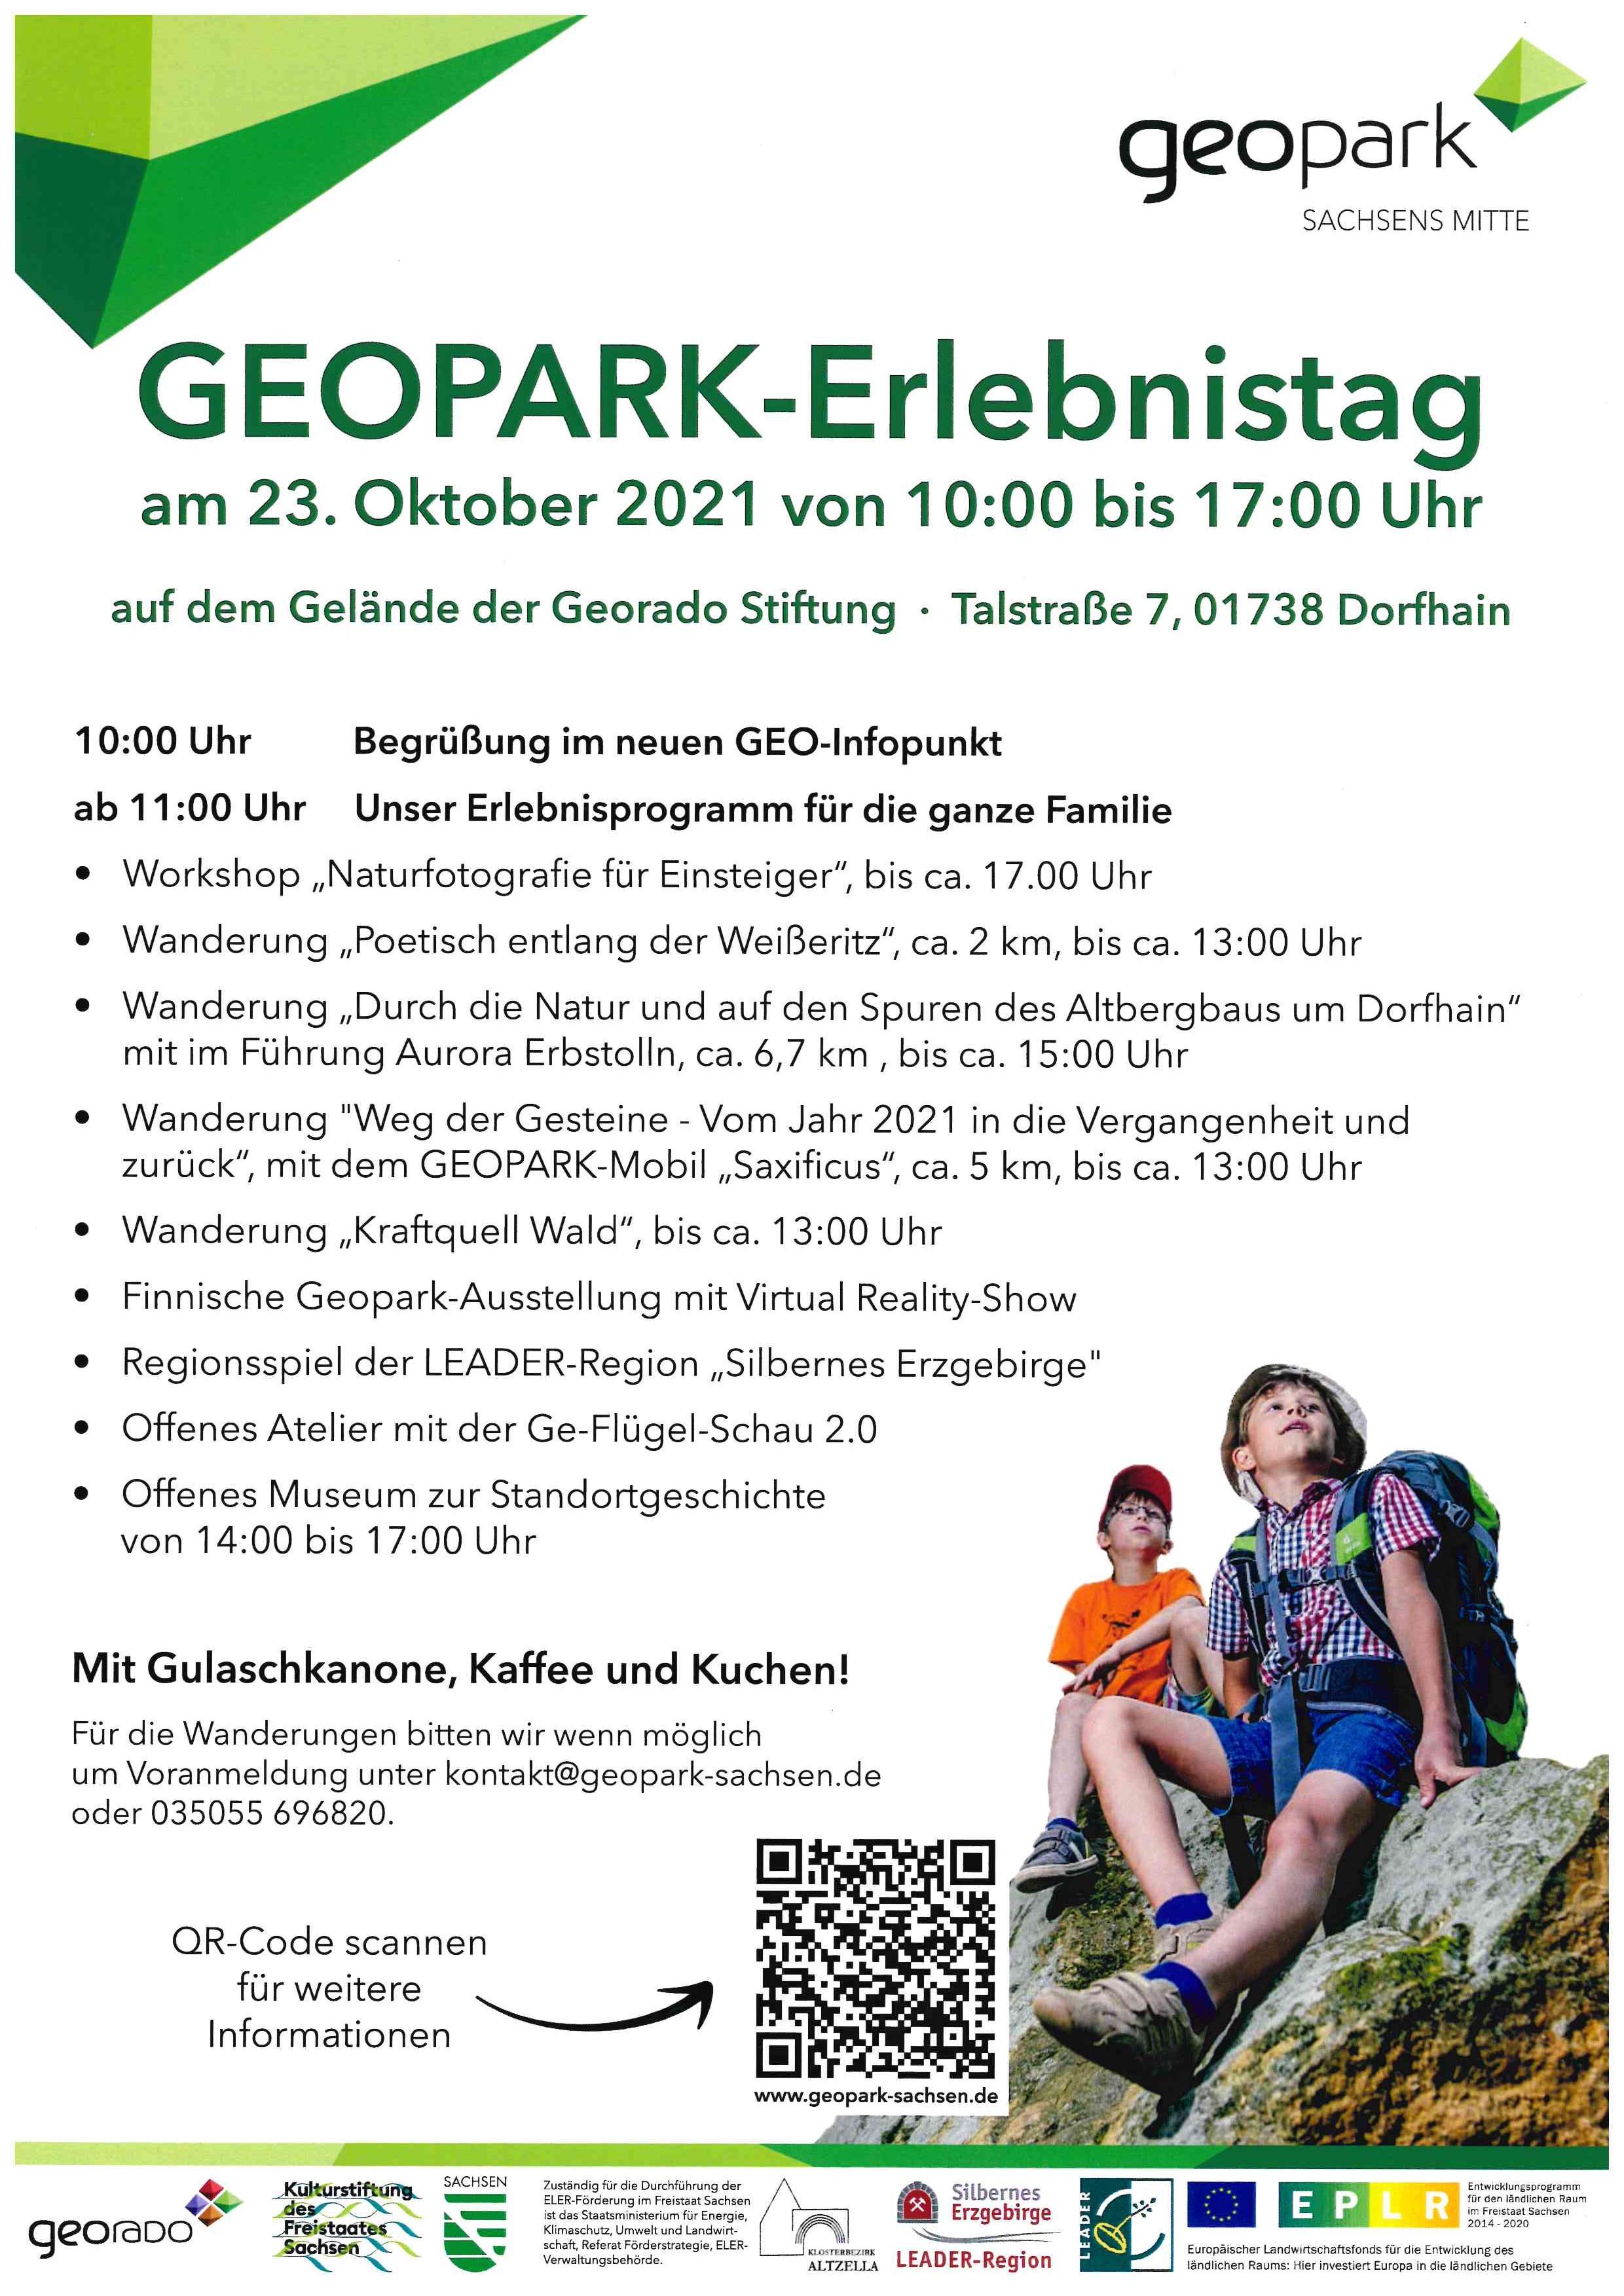 Geopark Erlebnistag 23.10.2021.jpg